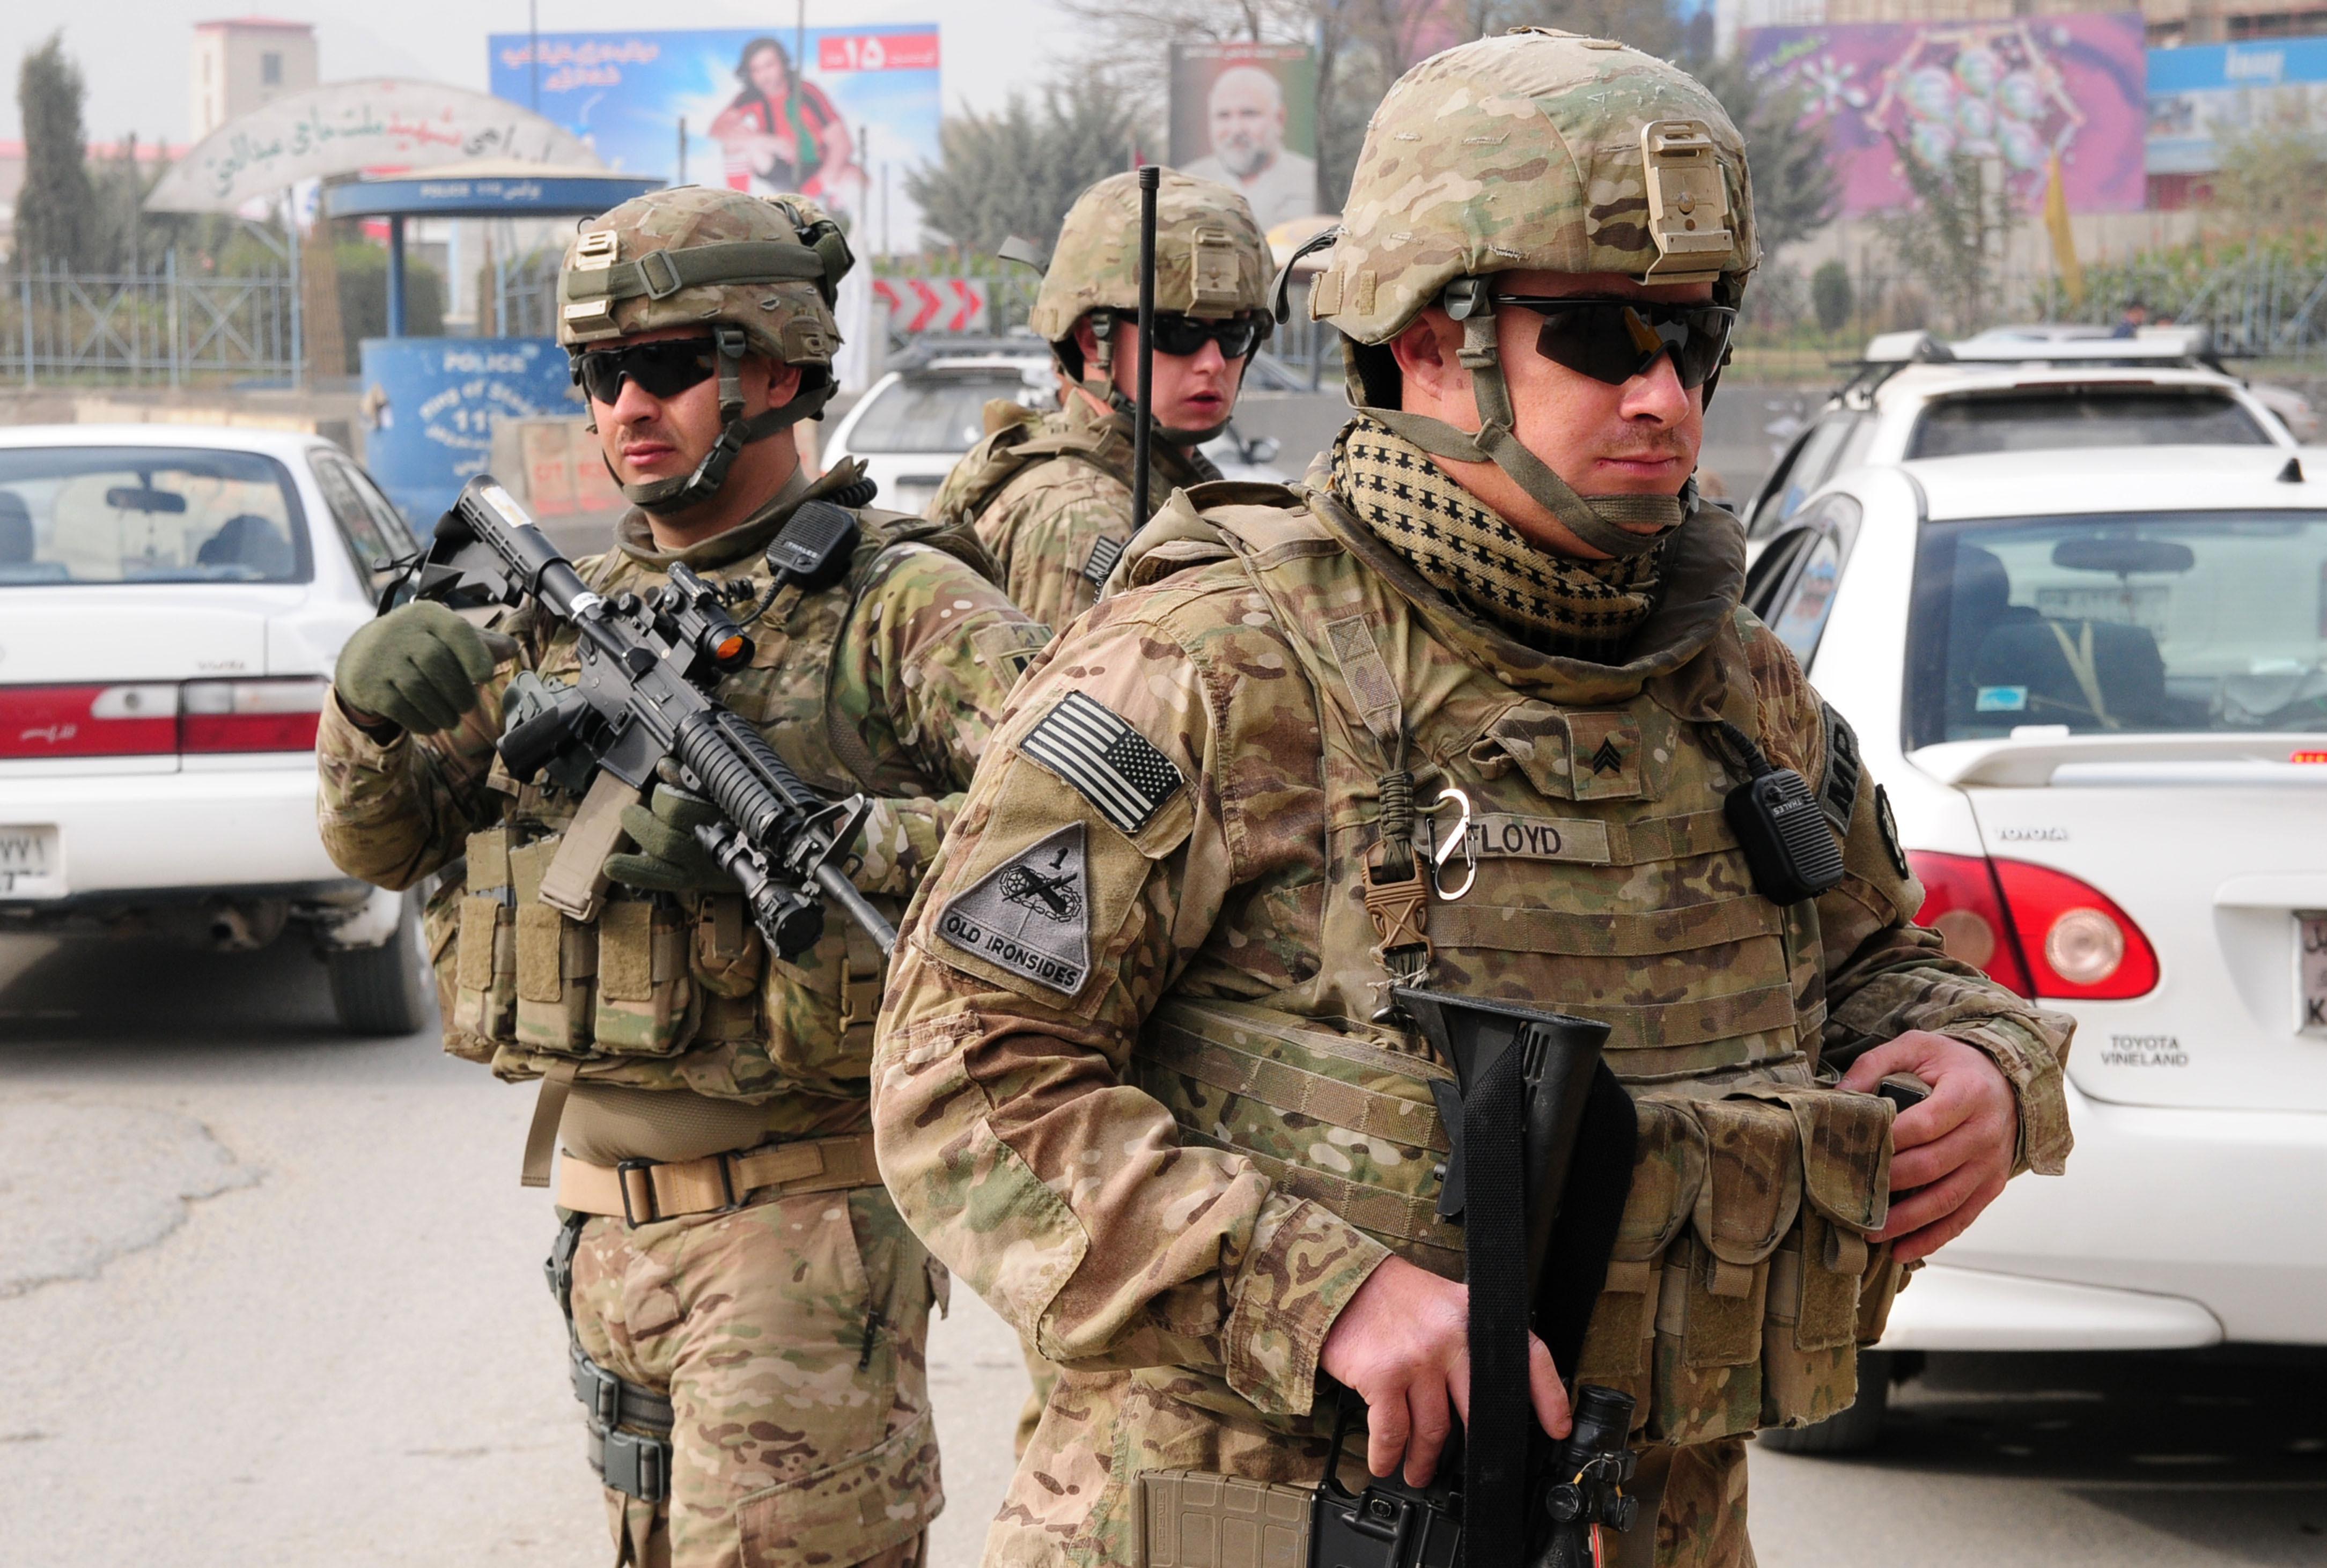 The us troops in afghanistan